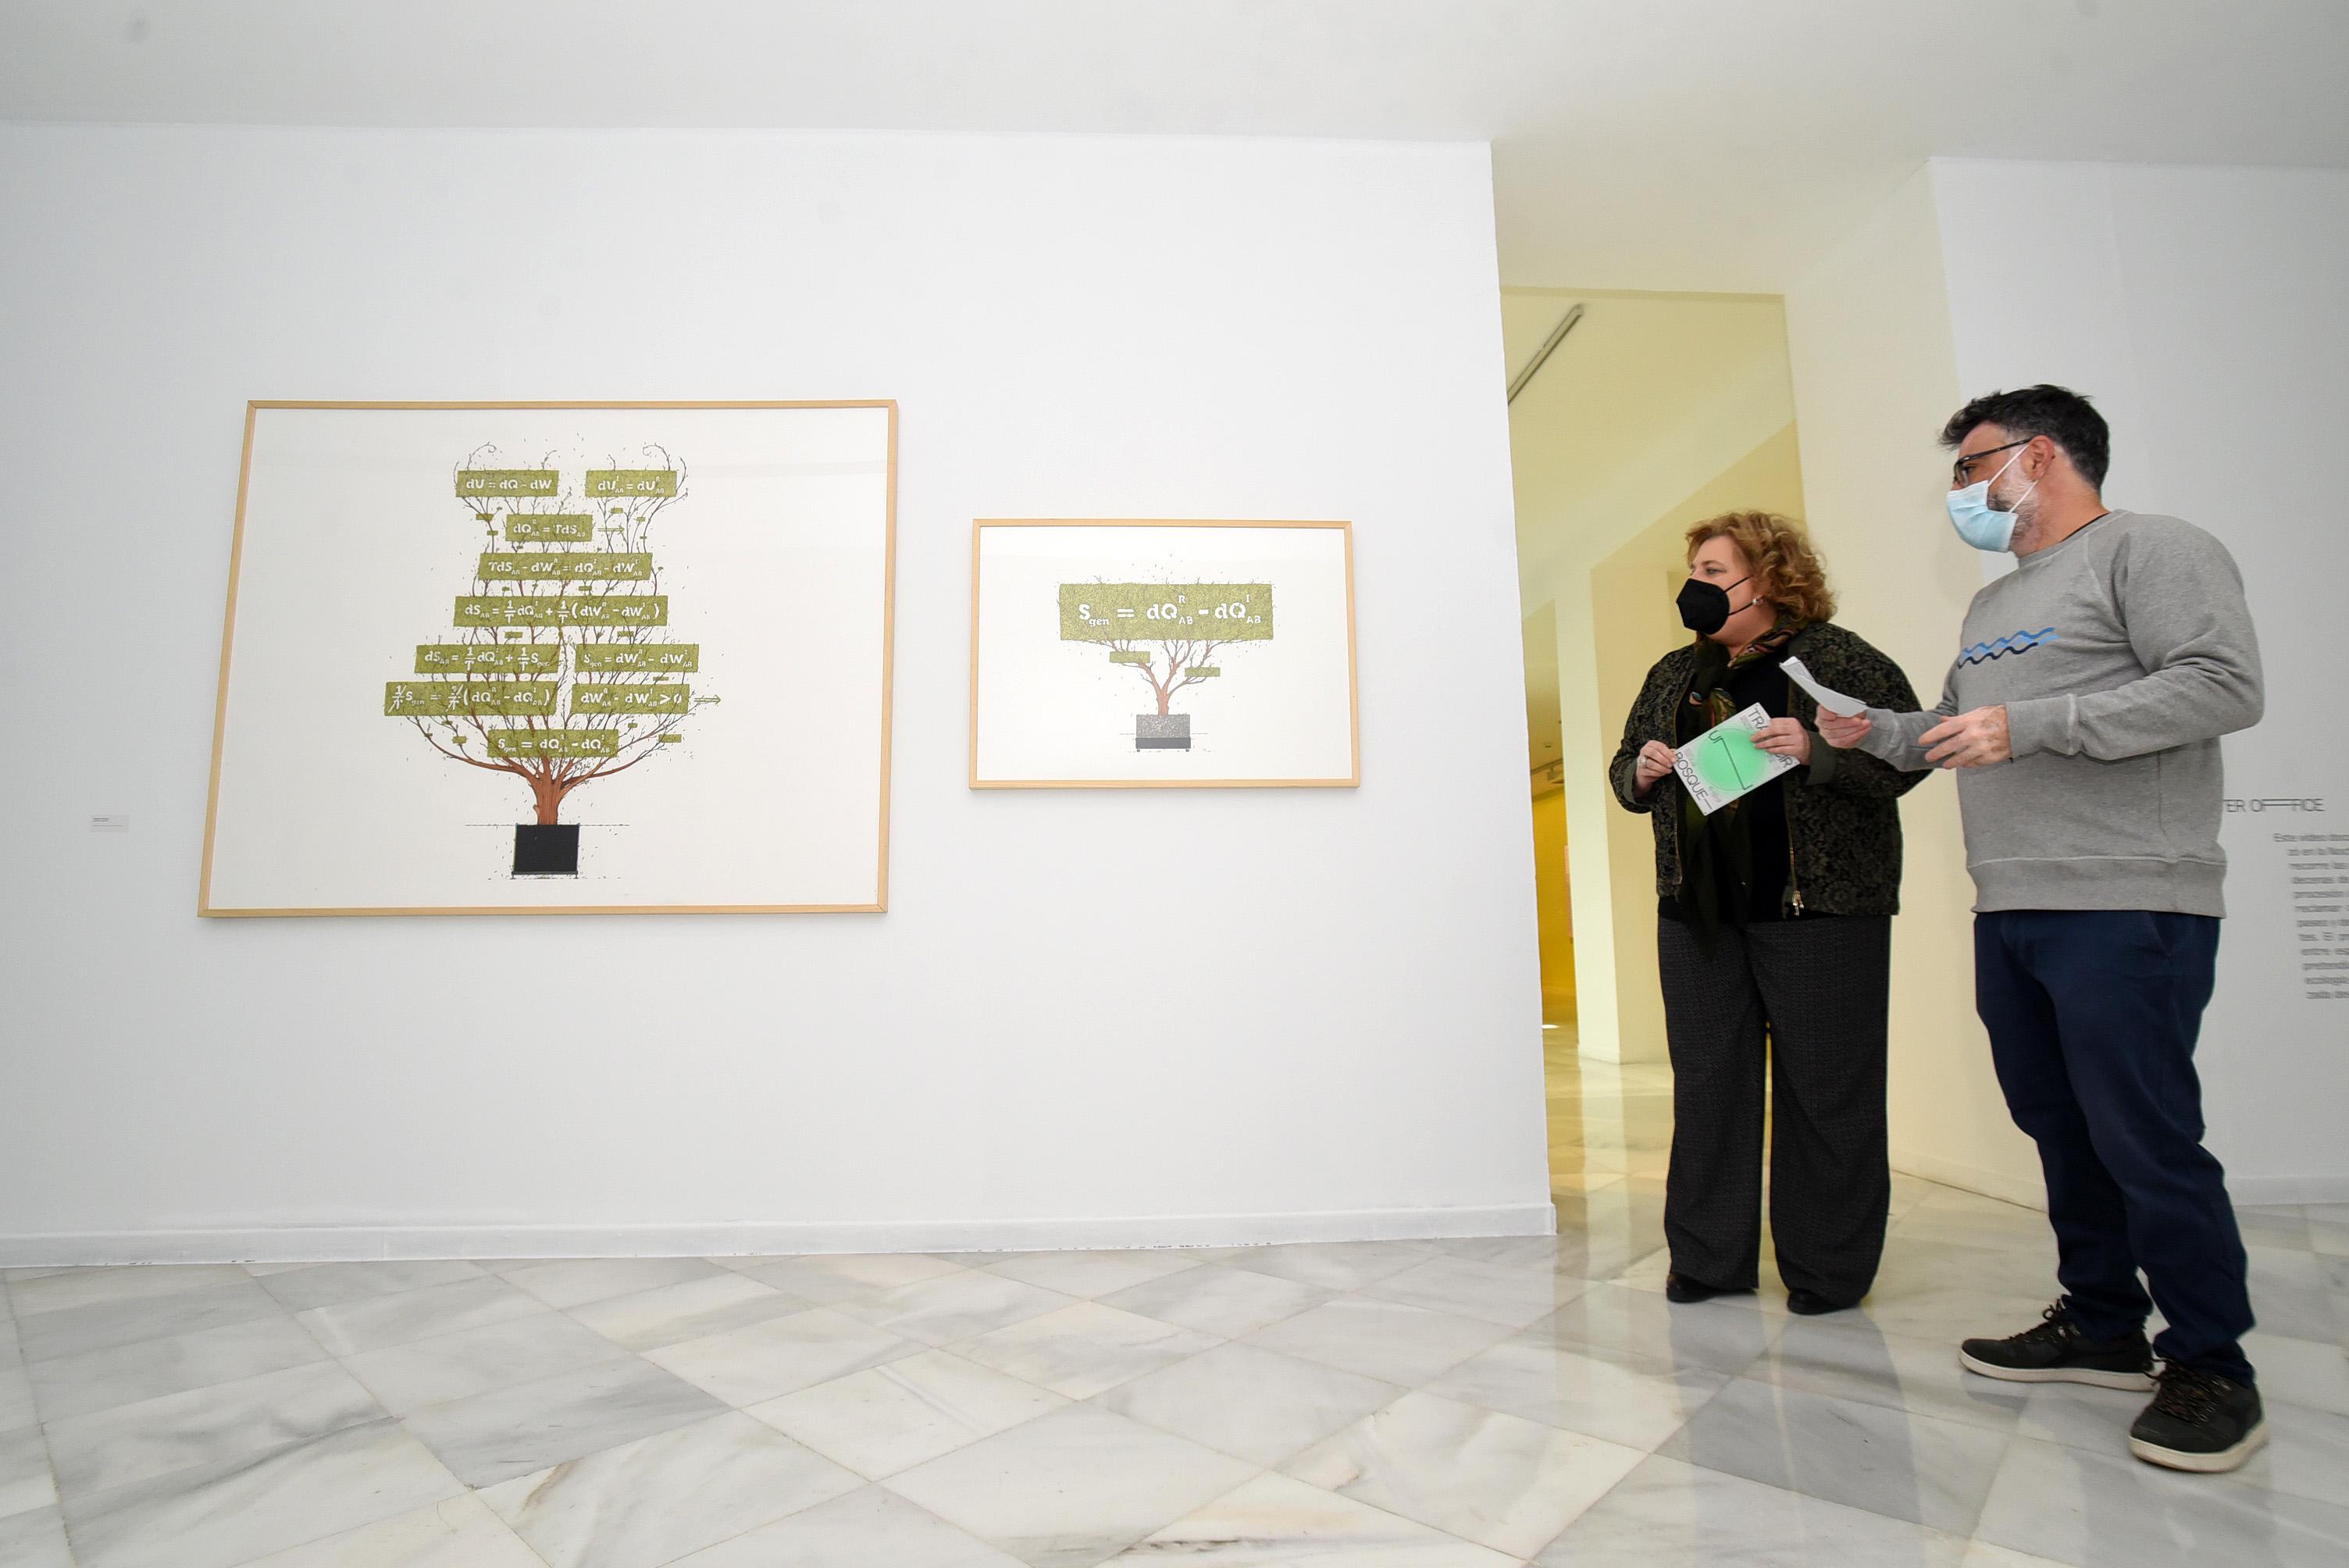 Condes de Gabia acoge una novedosa exposición interactiva que aborda la relación entre el ser humano y la naturaleza